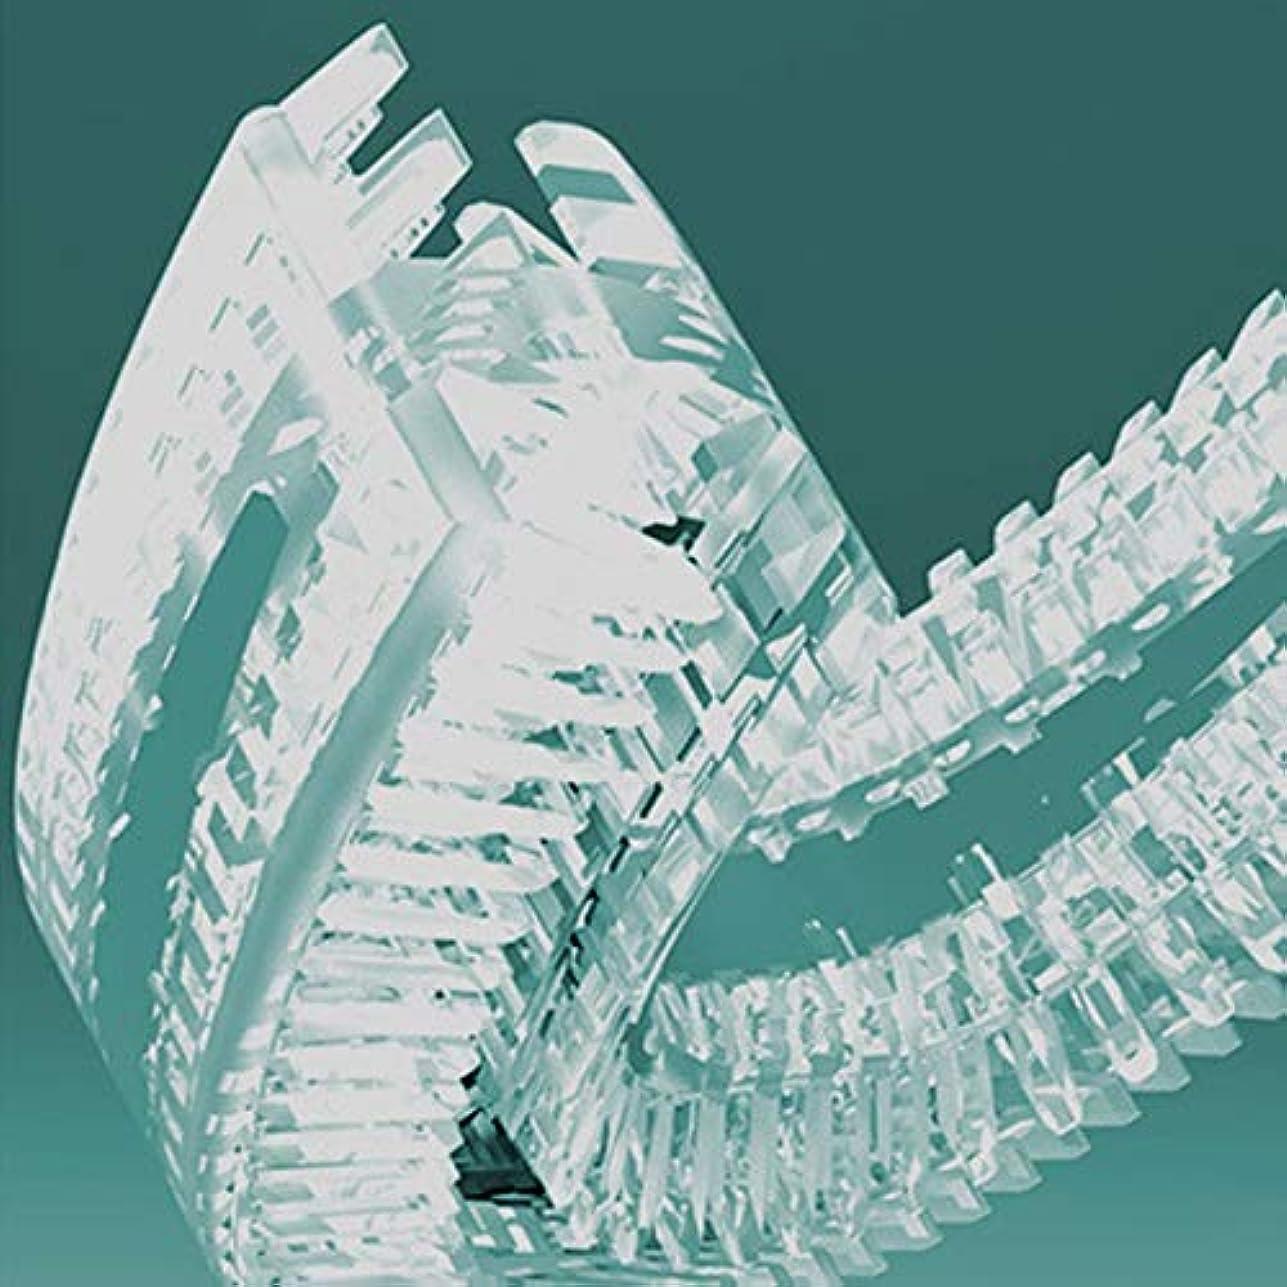 レンズ冷える摂動V-white 360 Intelligent Automatic Sonic Electric Toothbrush U Type USB Rechargeable Oral Teeth Silicone brush...